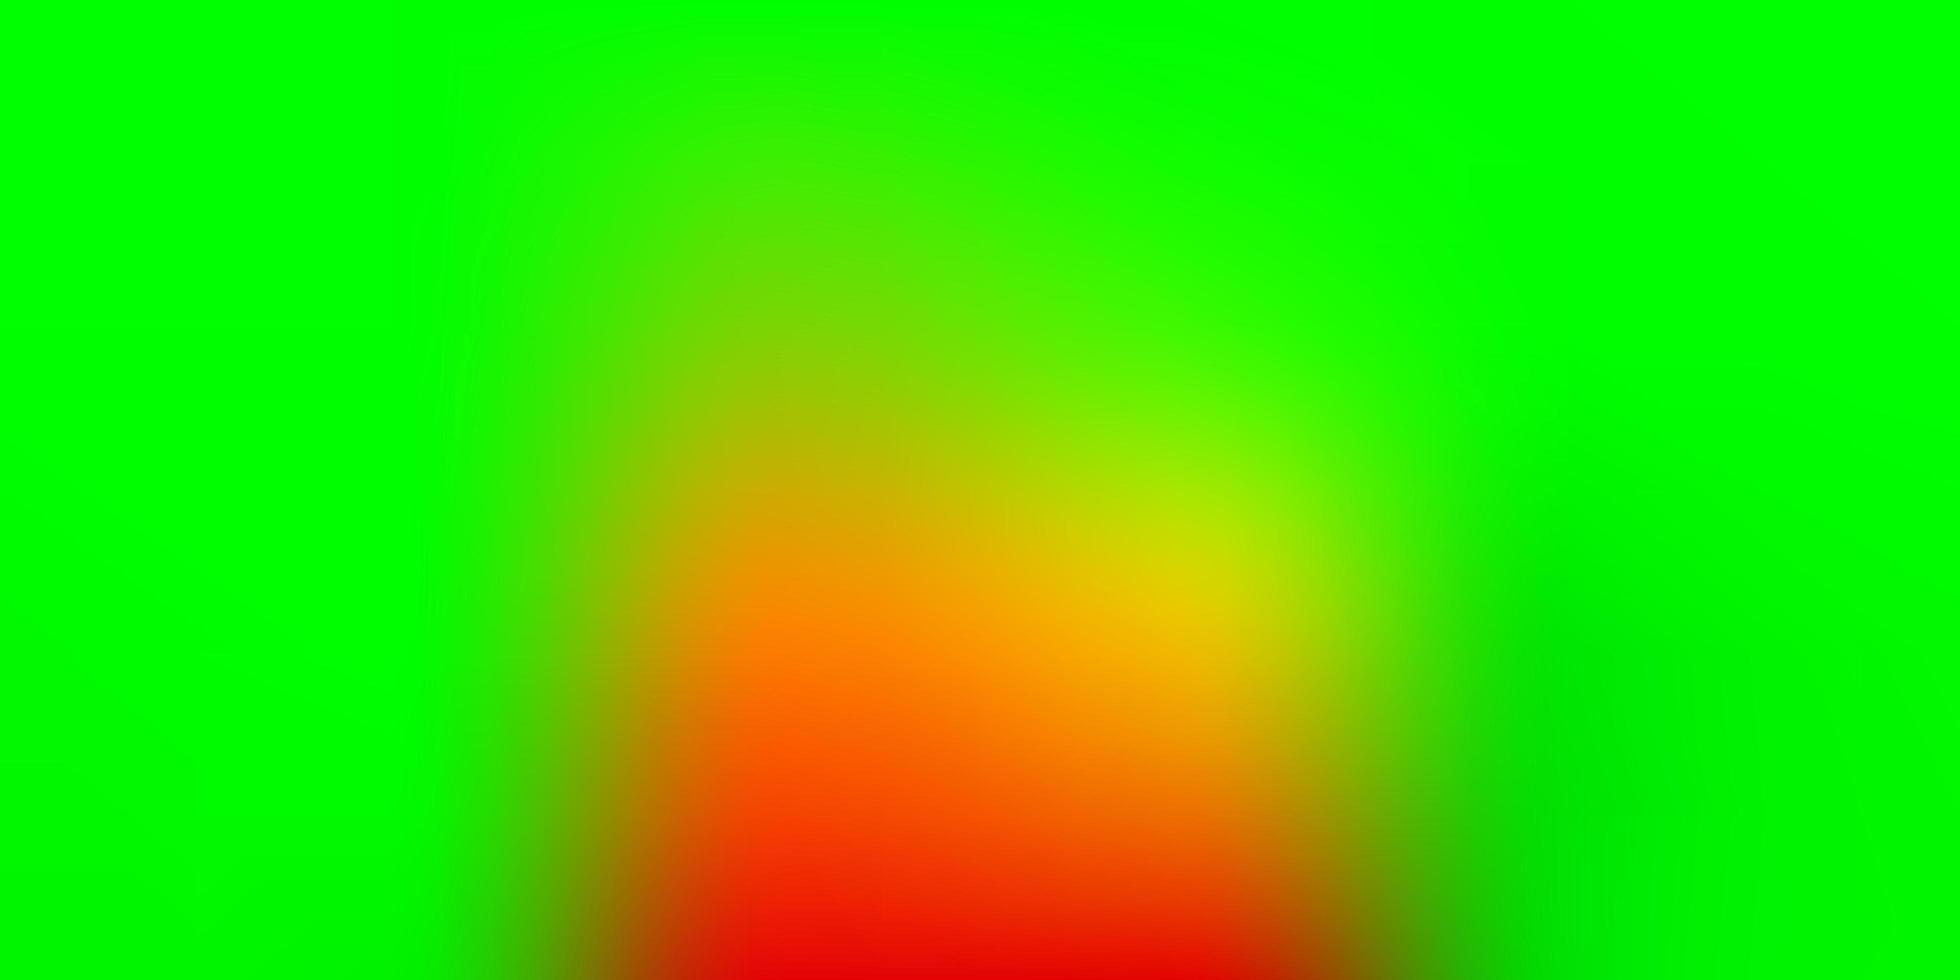 hellgrüne, rote Vektorgradienten-Unschärfetextur. vektor